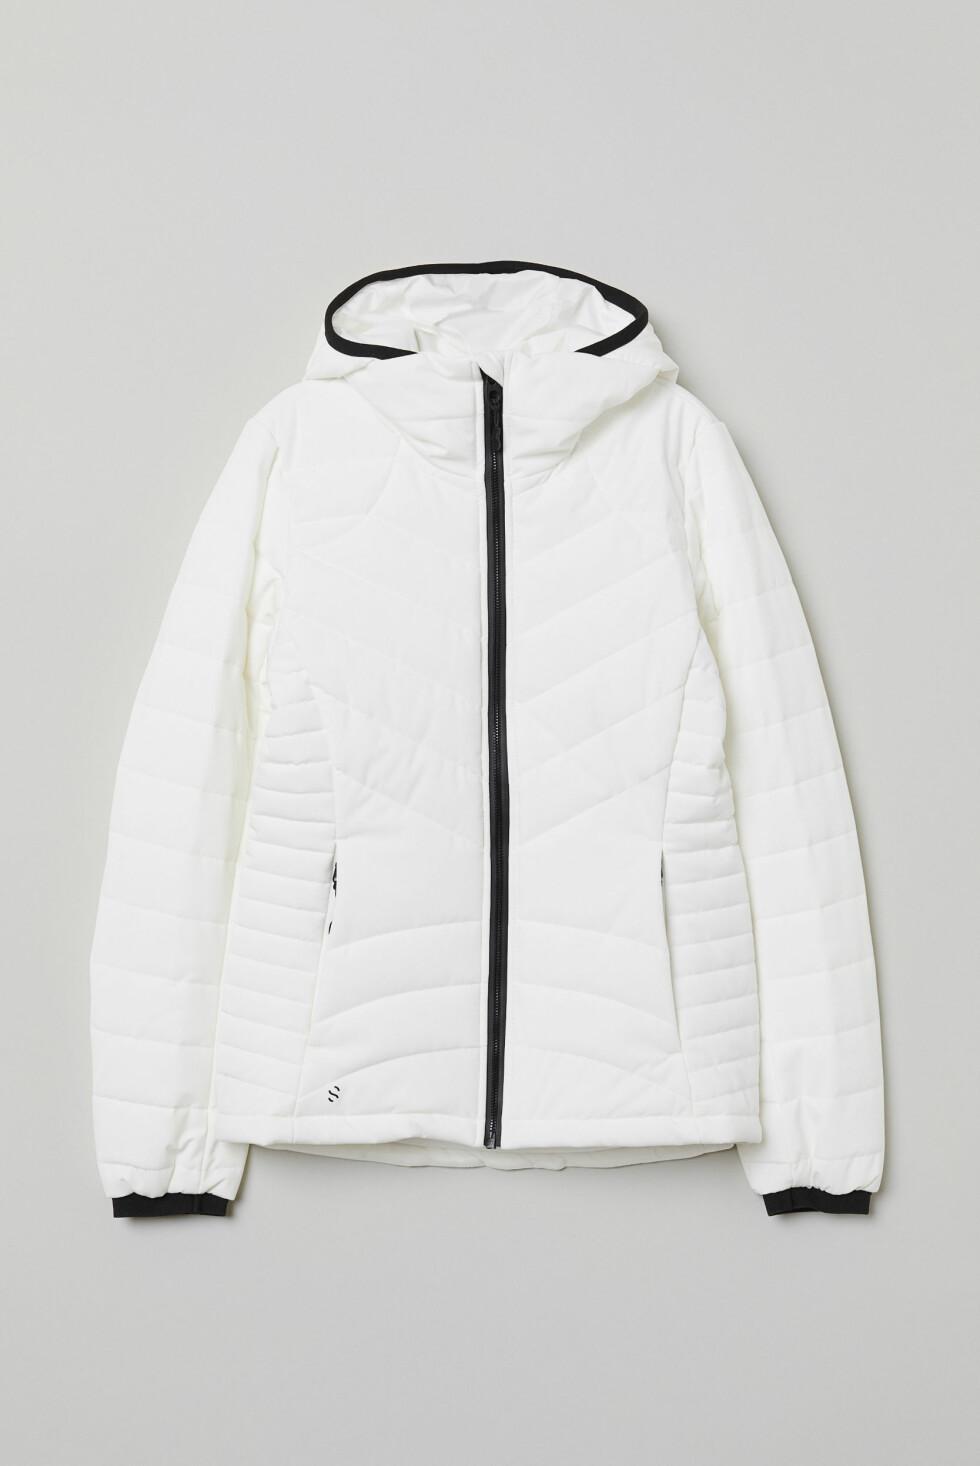 Jakke fra H&M |799,-| https://www2.hm.com/no_no/productpage.0617502003.html